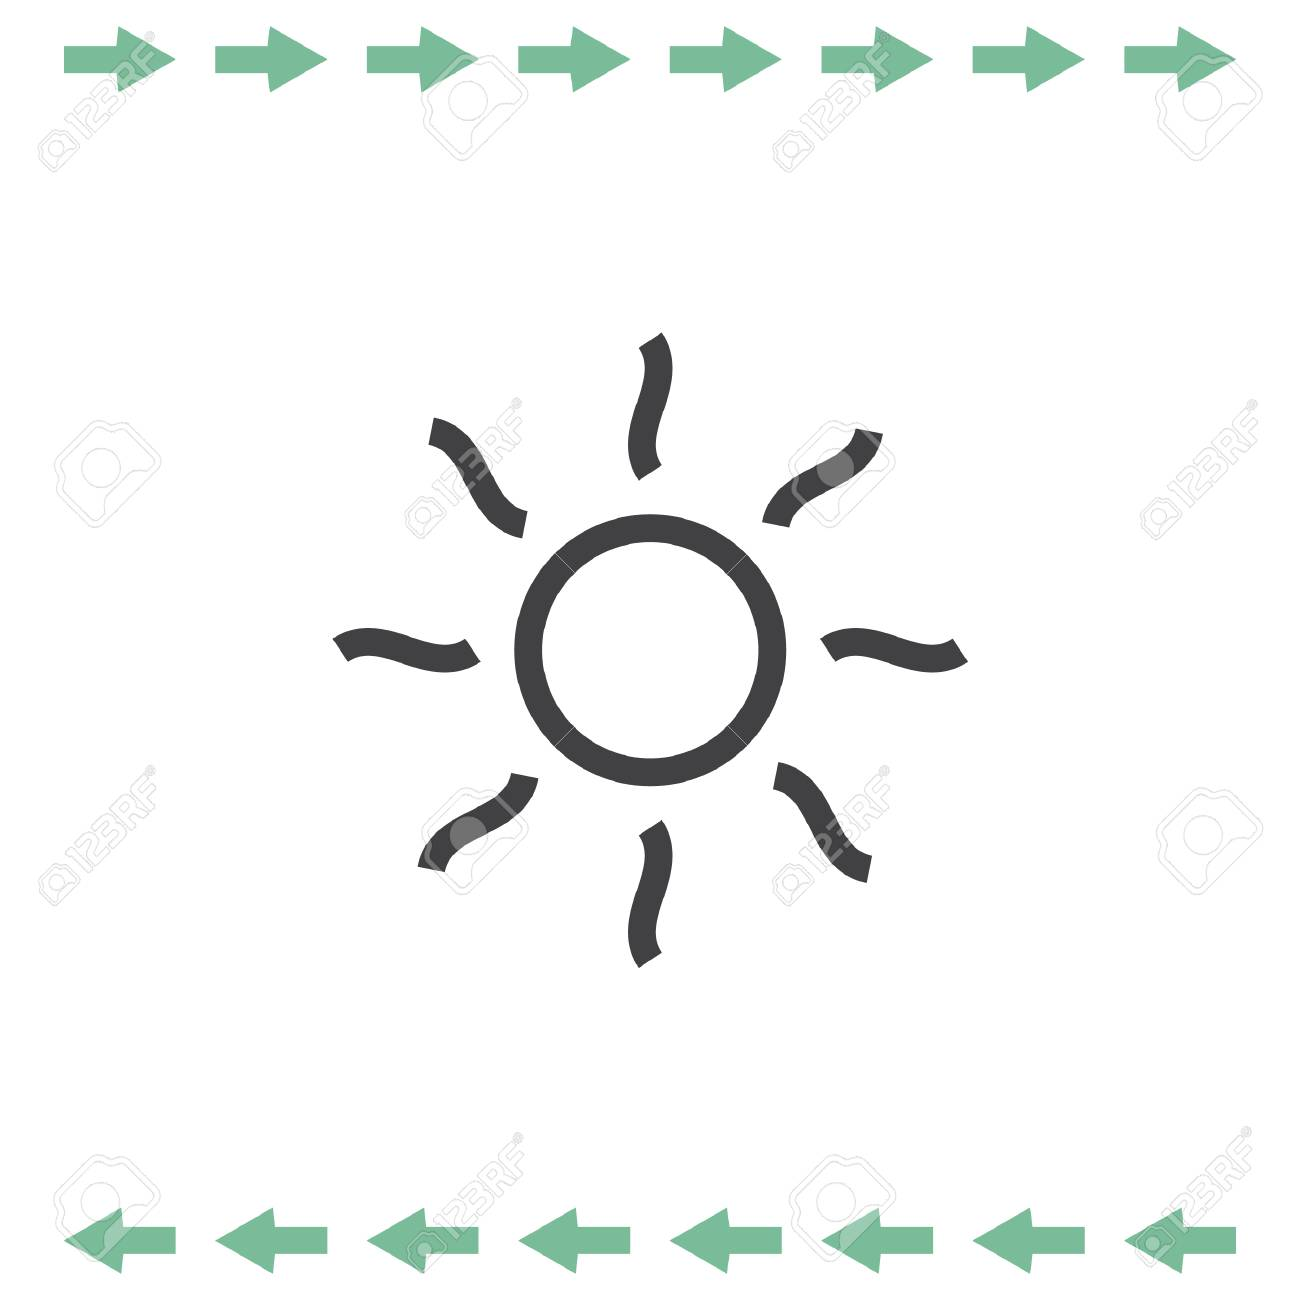 Großzügig Summer Symbol In Einer Schaltung Fotos - Elektrische ...